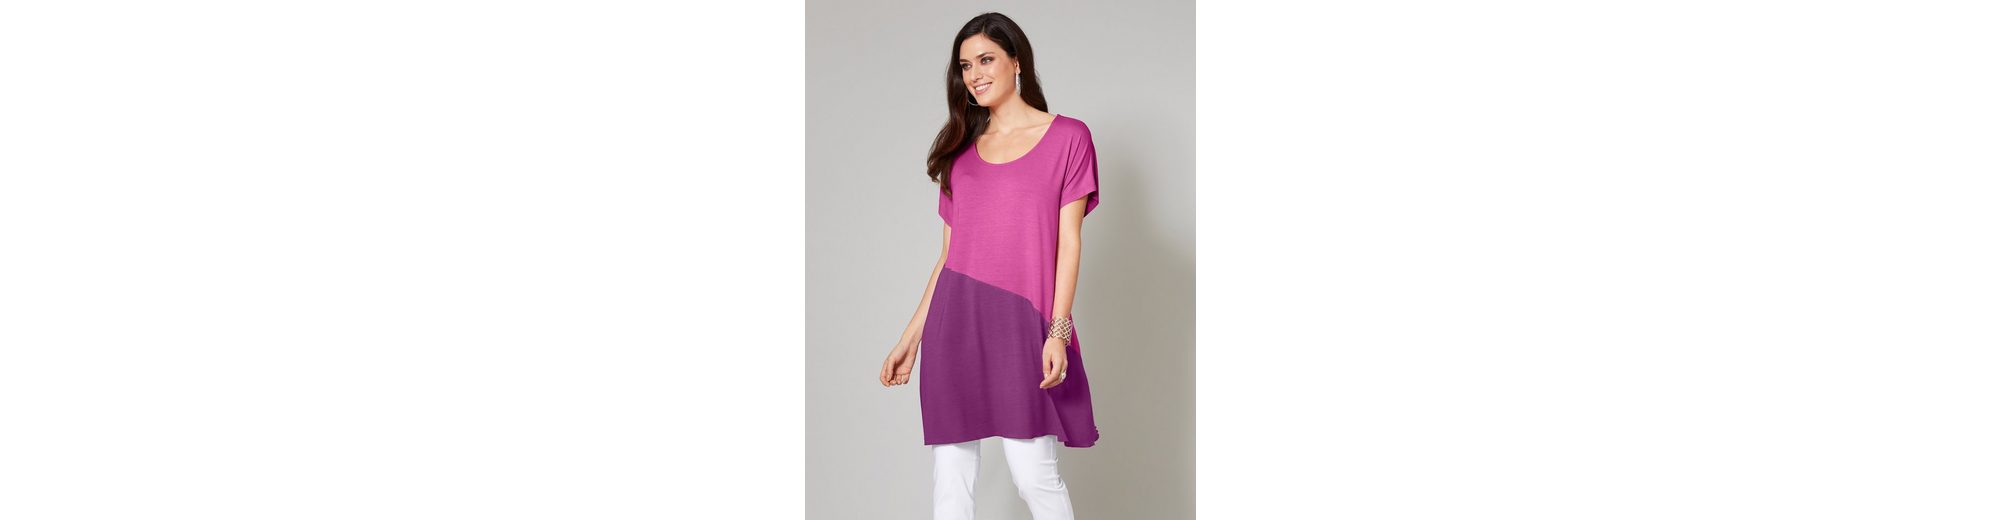 Auslass Extrem Brandneue Unisex Online Sara Lindholm by Happy Size Shirt Günstig Kaufen Günstigsten Preis Niedrig Versandkosten ZlKF24